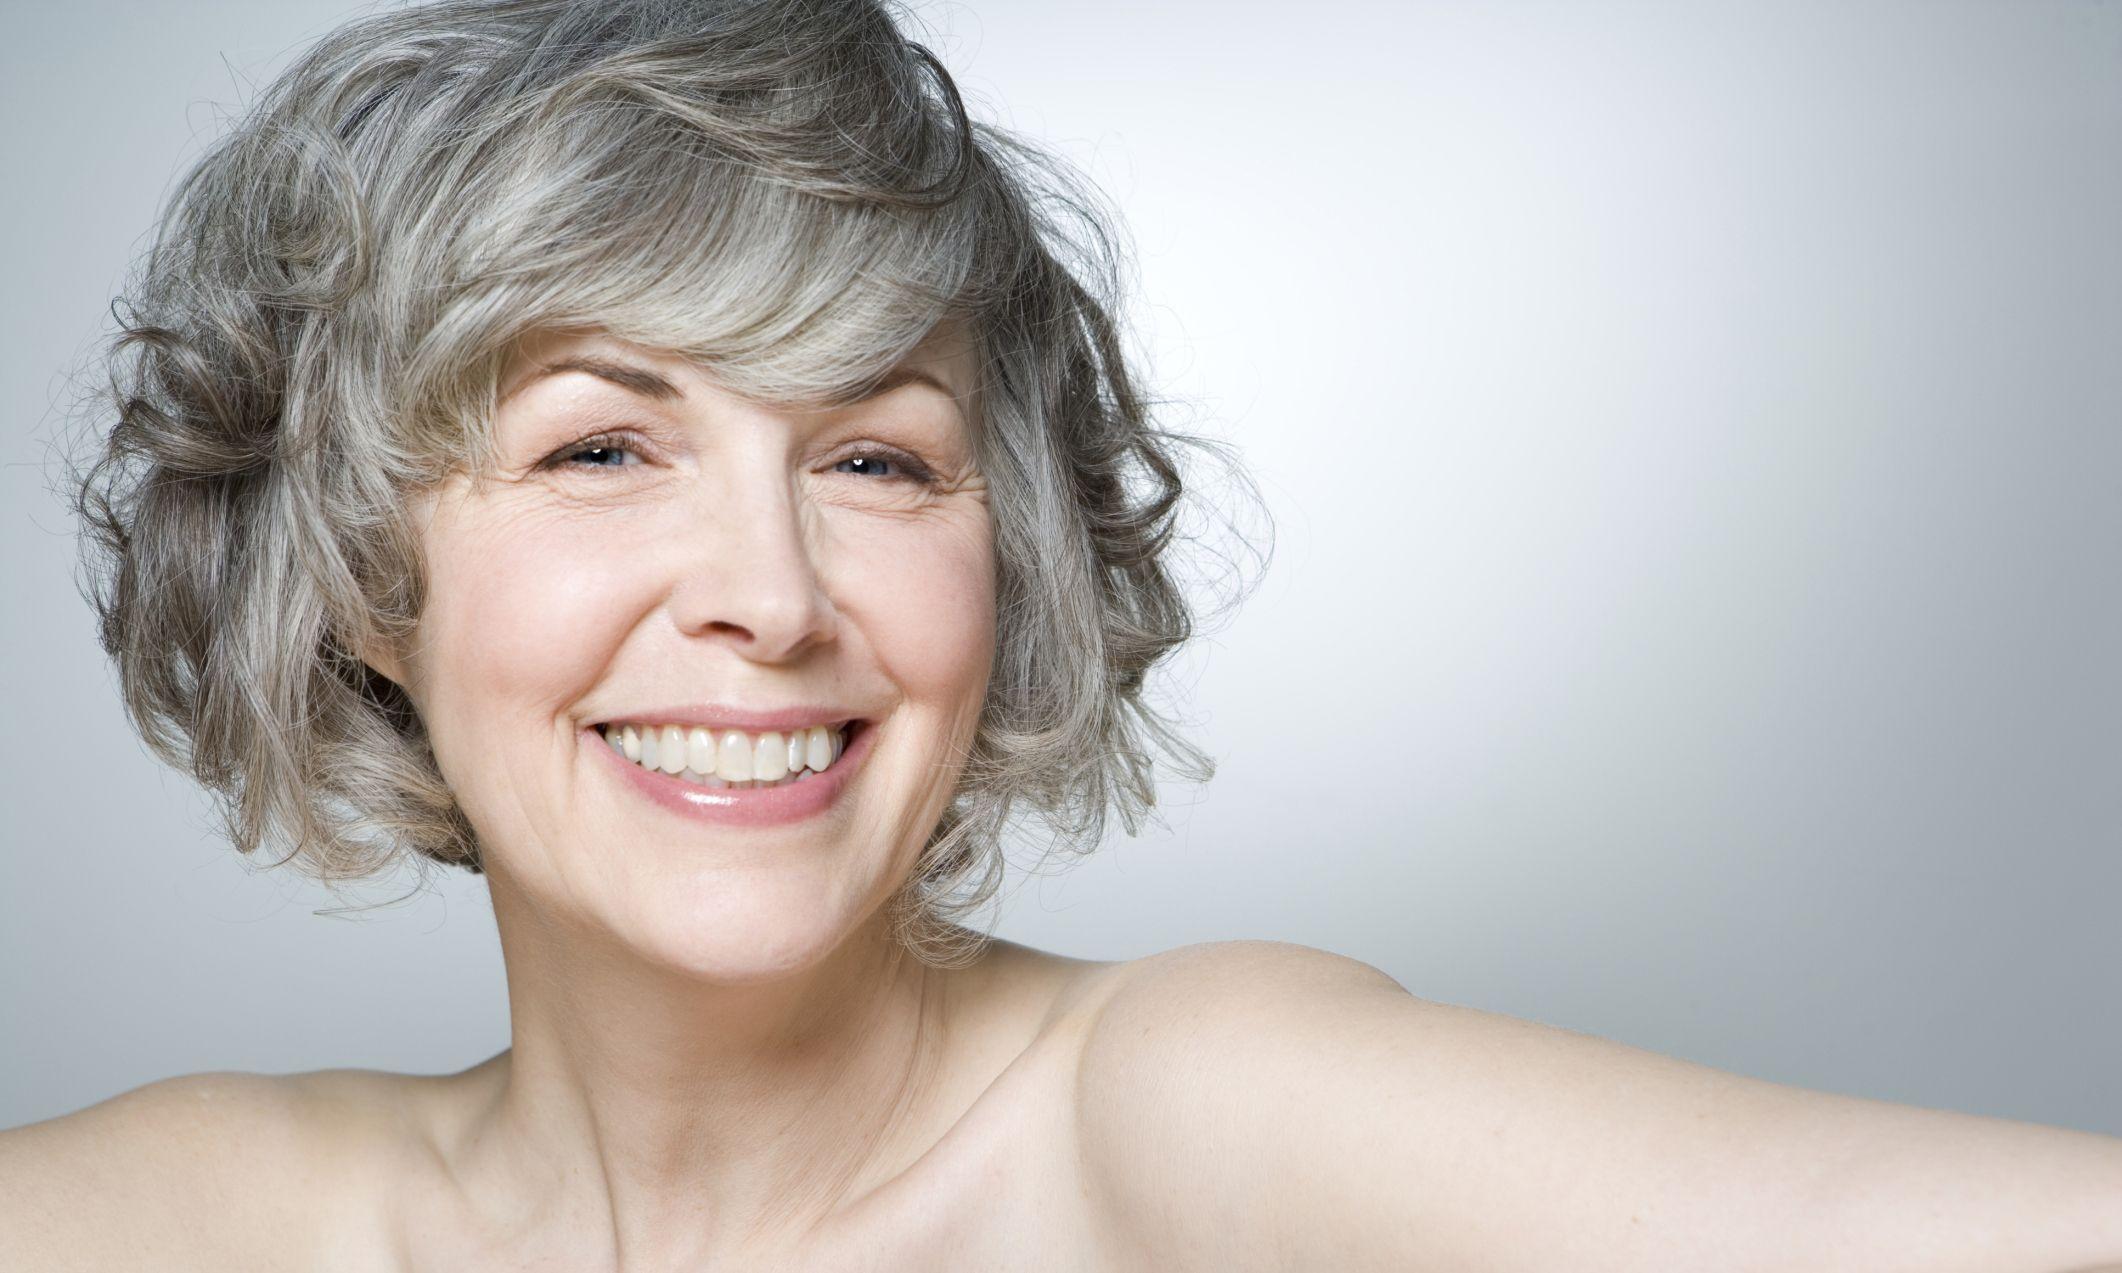 Saiba como garantir o futuro dos seus implantes dentários! - Faça uma higiene bucal exímia. - Use cremes dentais adequados. - Use escova de dentes e interdentais próprias. ..................... www.pnid.pt Marque JÁ a sua CONSULTA SEM COMPROMISSO: http://bit.ly/2dWHuqm ............................................... #dentista #implantes #sorriso #clínica #saúde #saudável #qualidadedevida